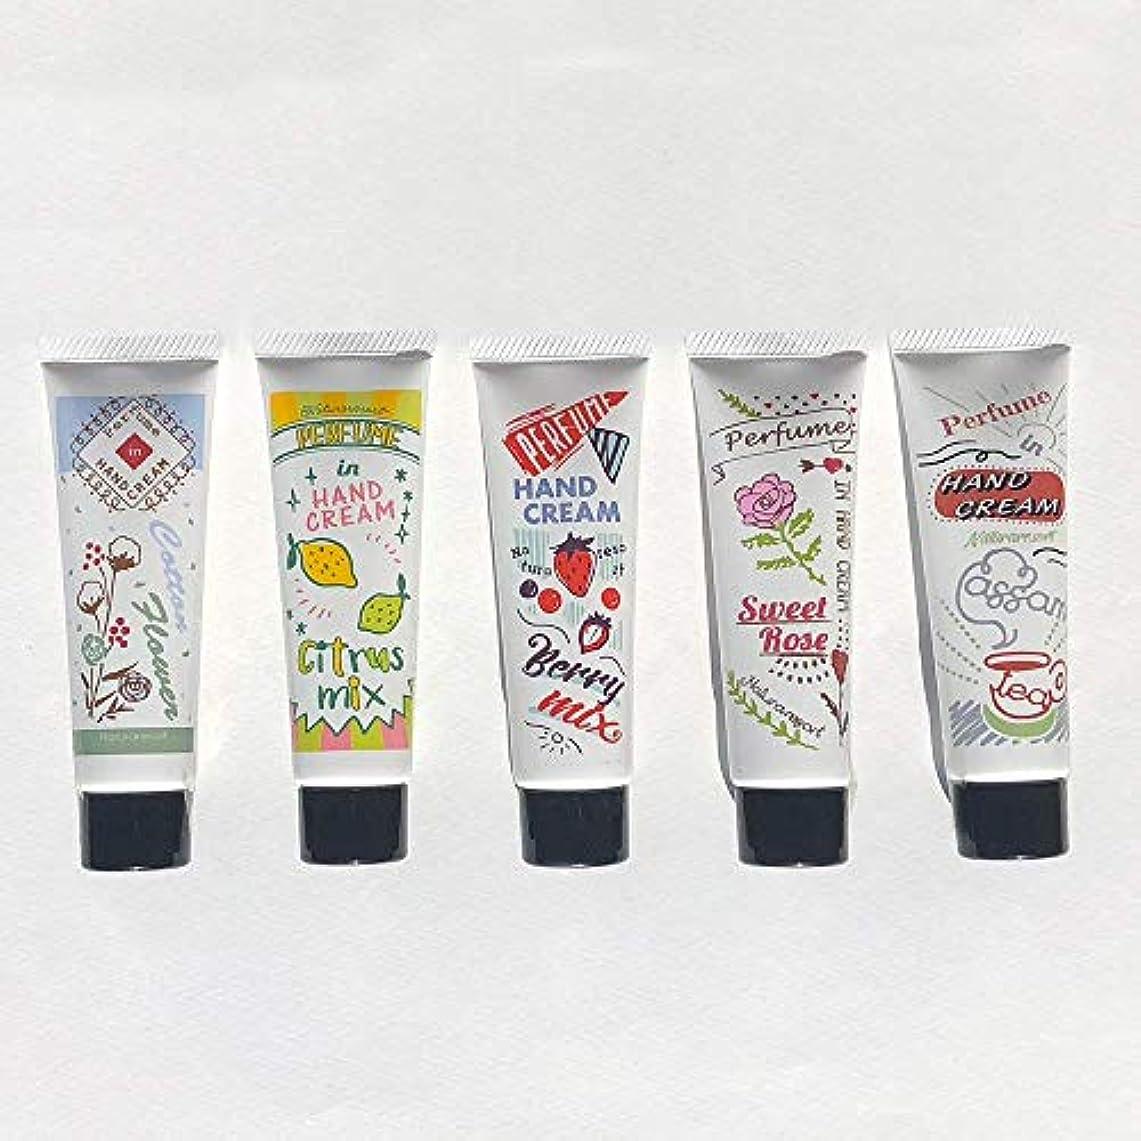 珍しい負含意【香りをまぜてオリジナルの香りを楽しめる!】パフュームインハンドクリーム5本セット